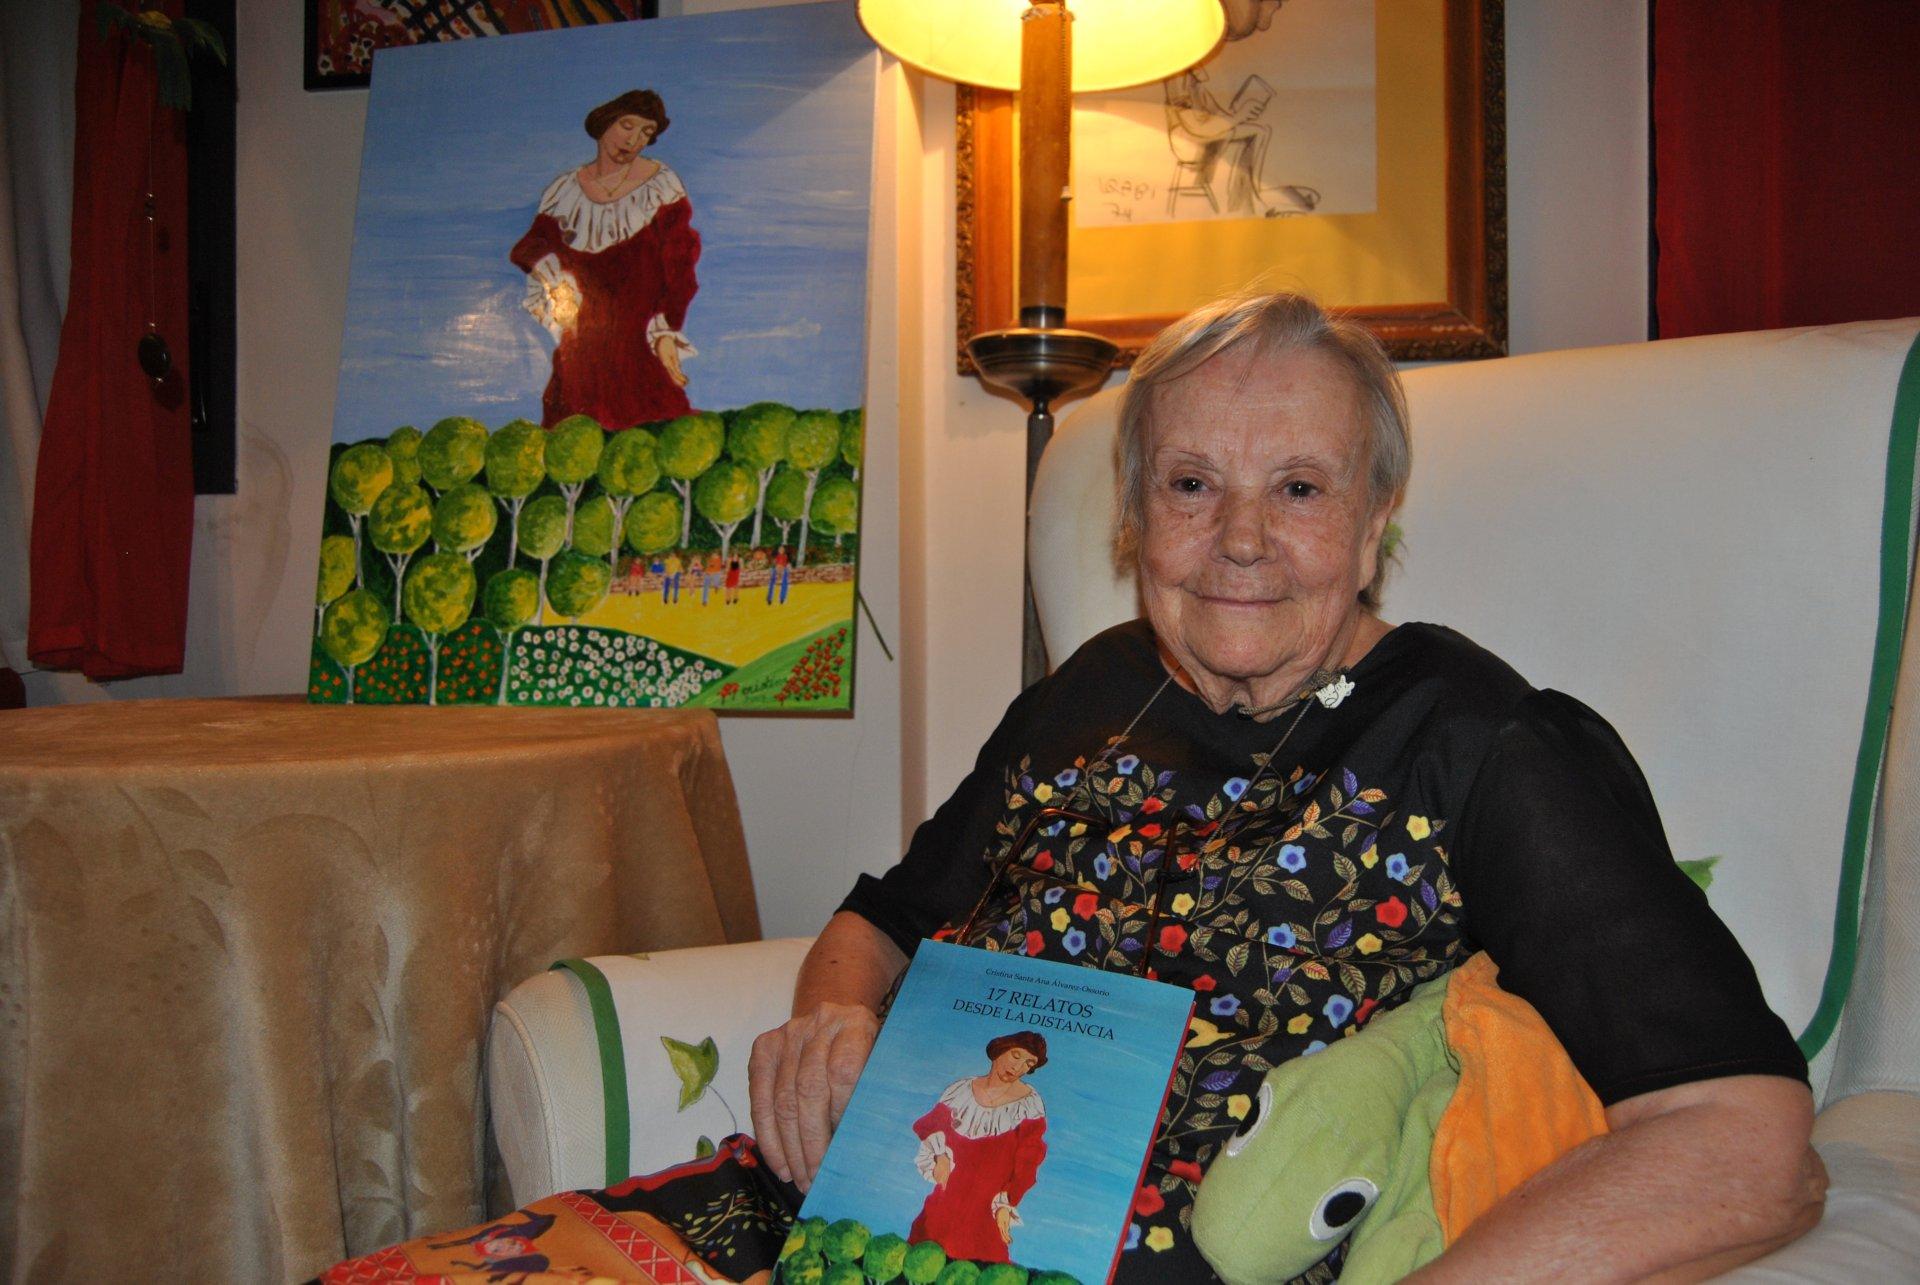 Cristina, en su casa. El cuadro también lo ha pintado esta mujer cuya creatividad no conoce límites.